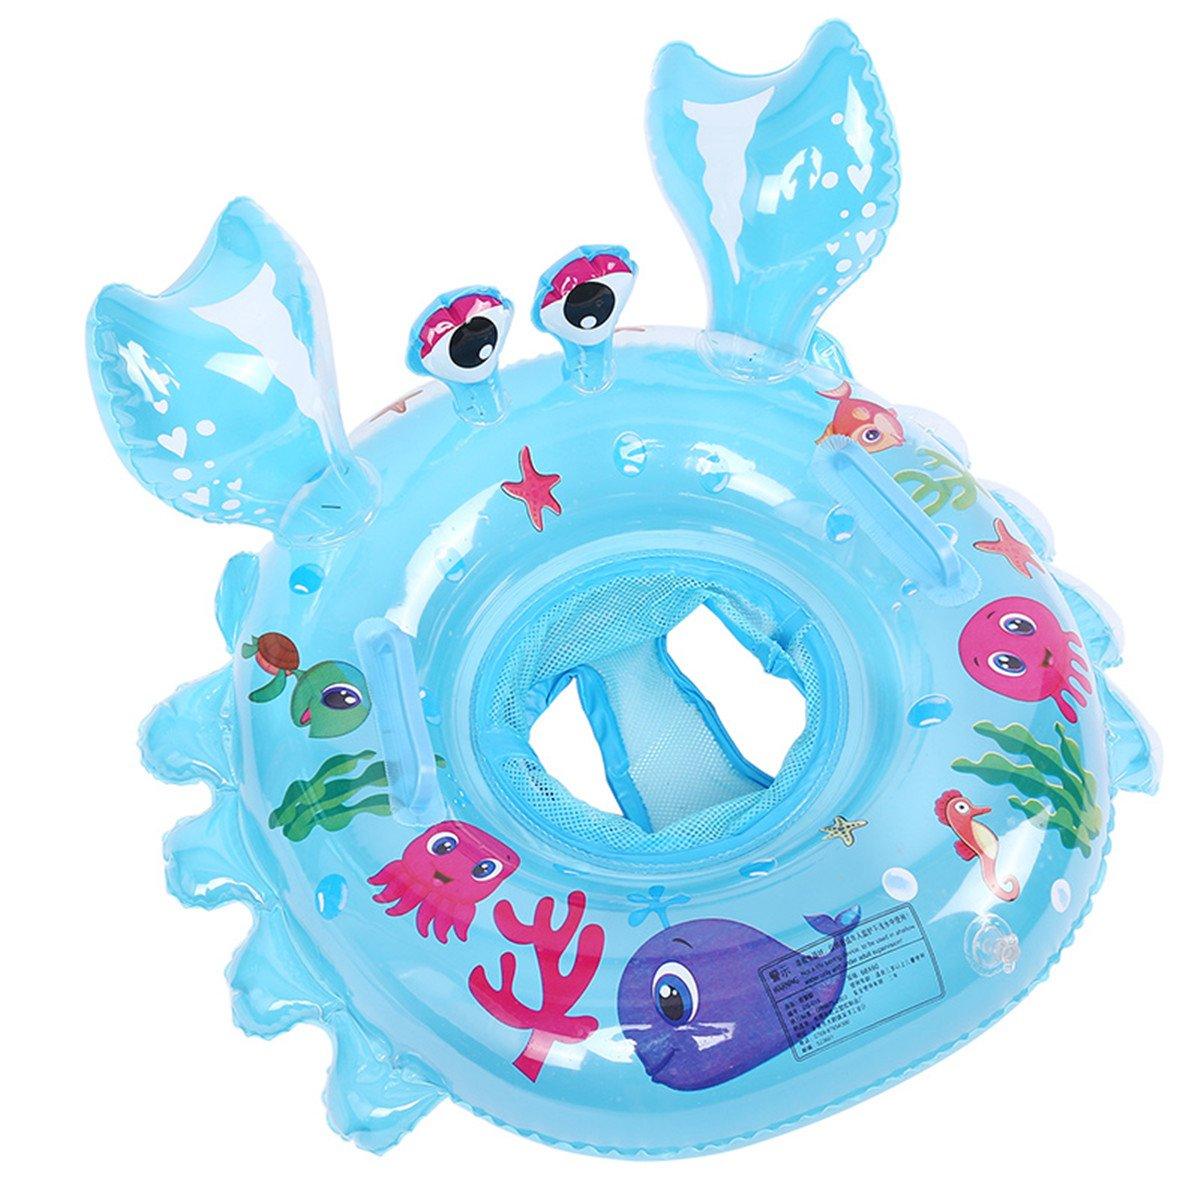 Lianshi Aufblasbarer Krabbe Schwimmreifen 54cm Pool Party Schwimmring aufblasbar Für Kinder Baby (Blau) PXYYQ